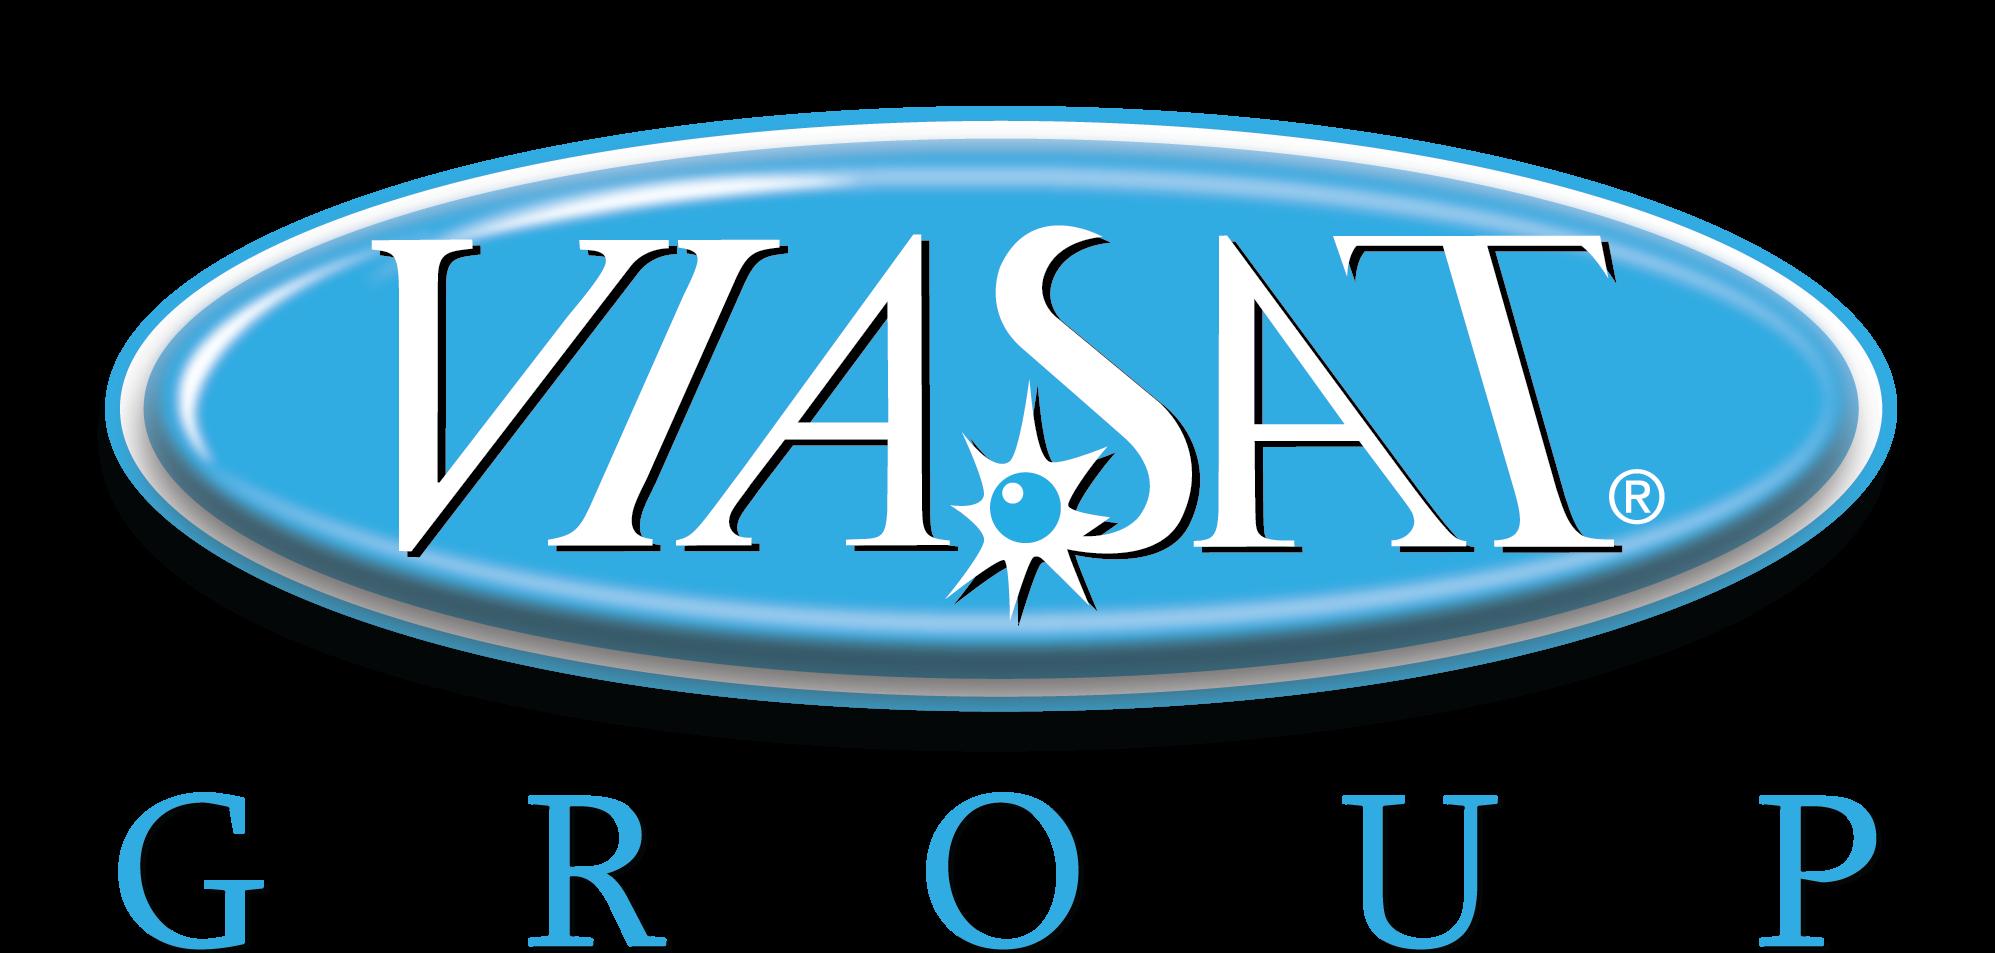 Viasat Group